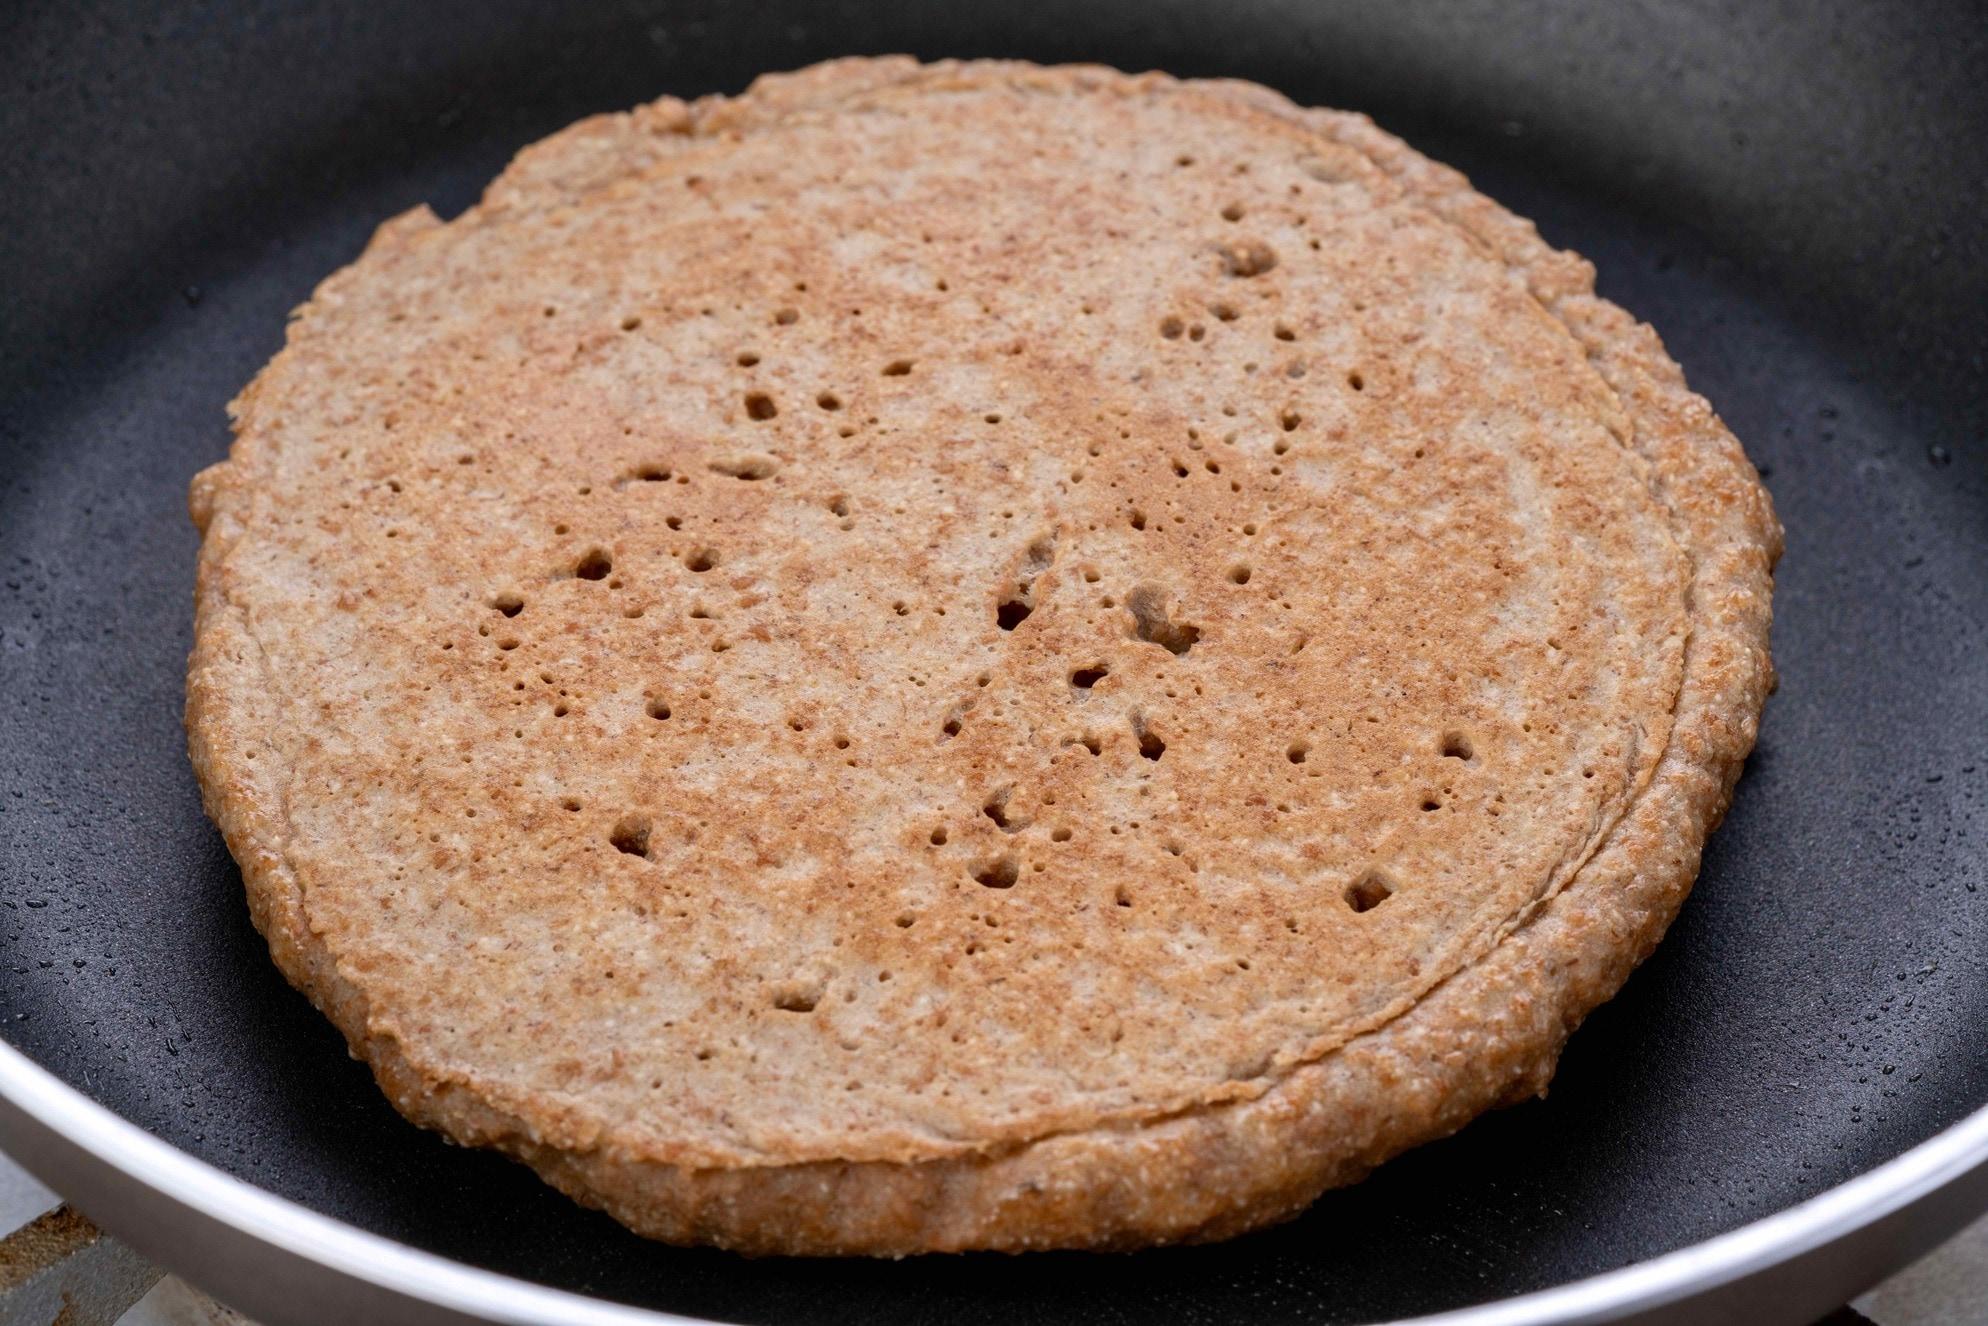 フライパンの上で焼き上がったディンケル(スペルト)小麦のパンケーキ